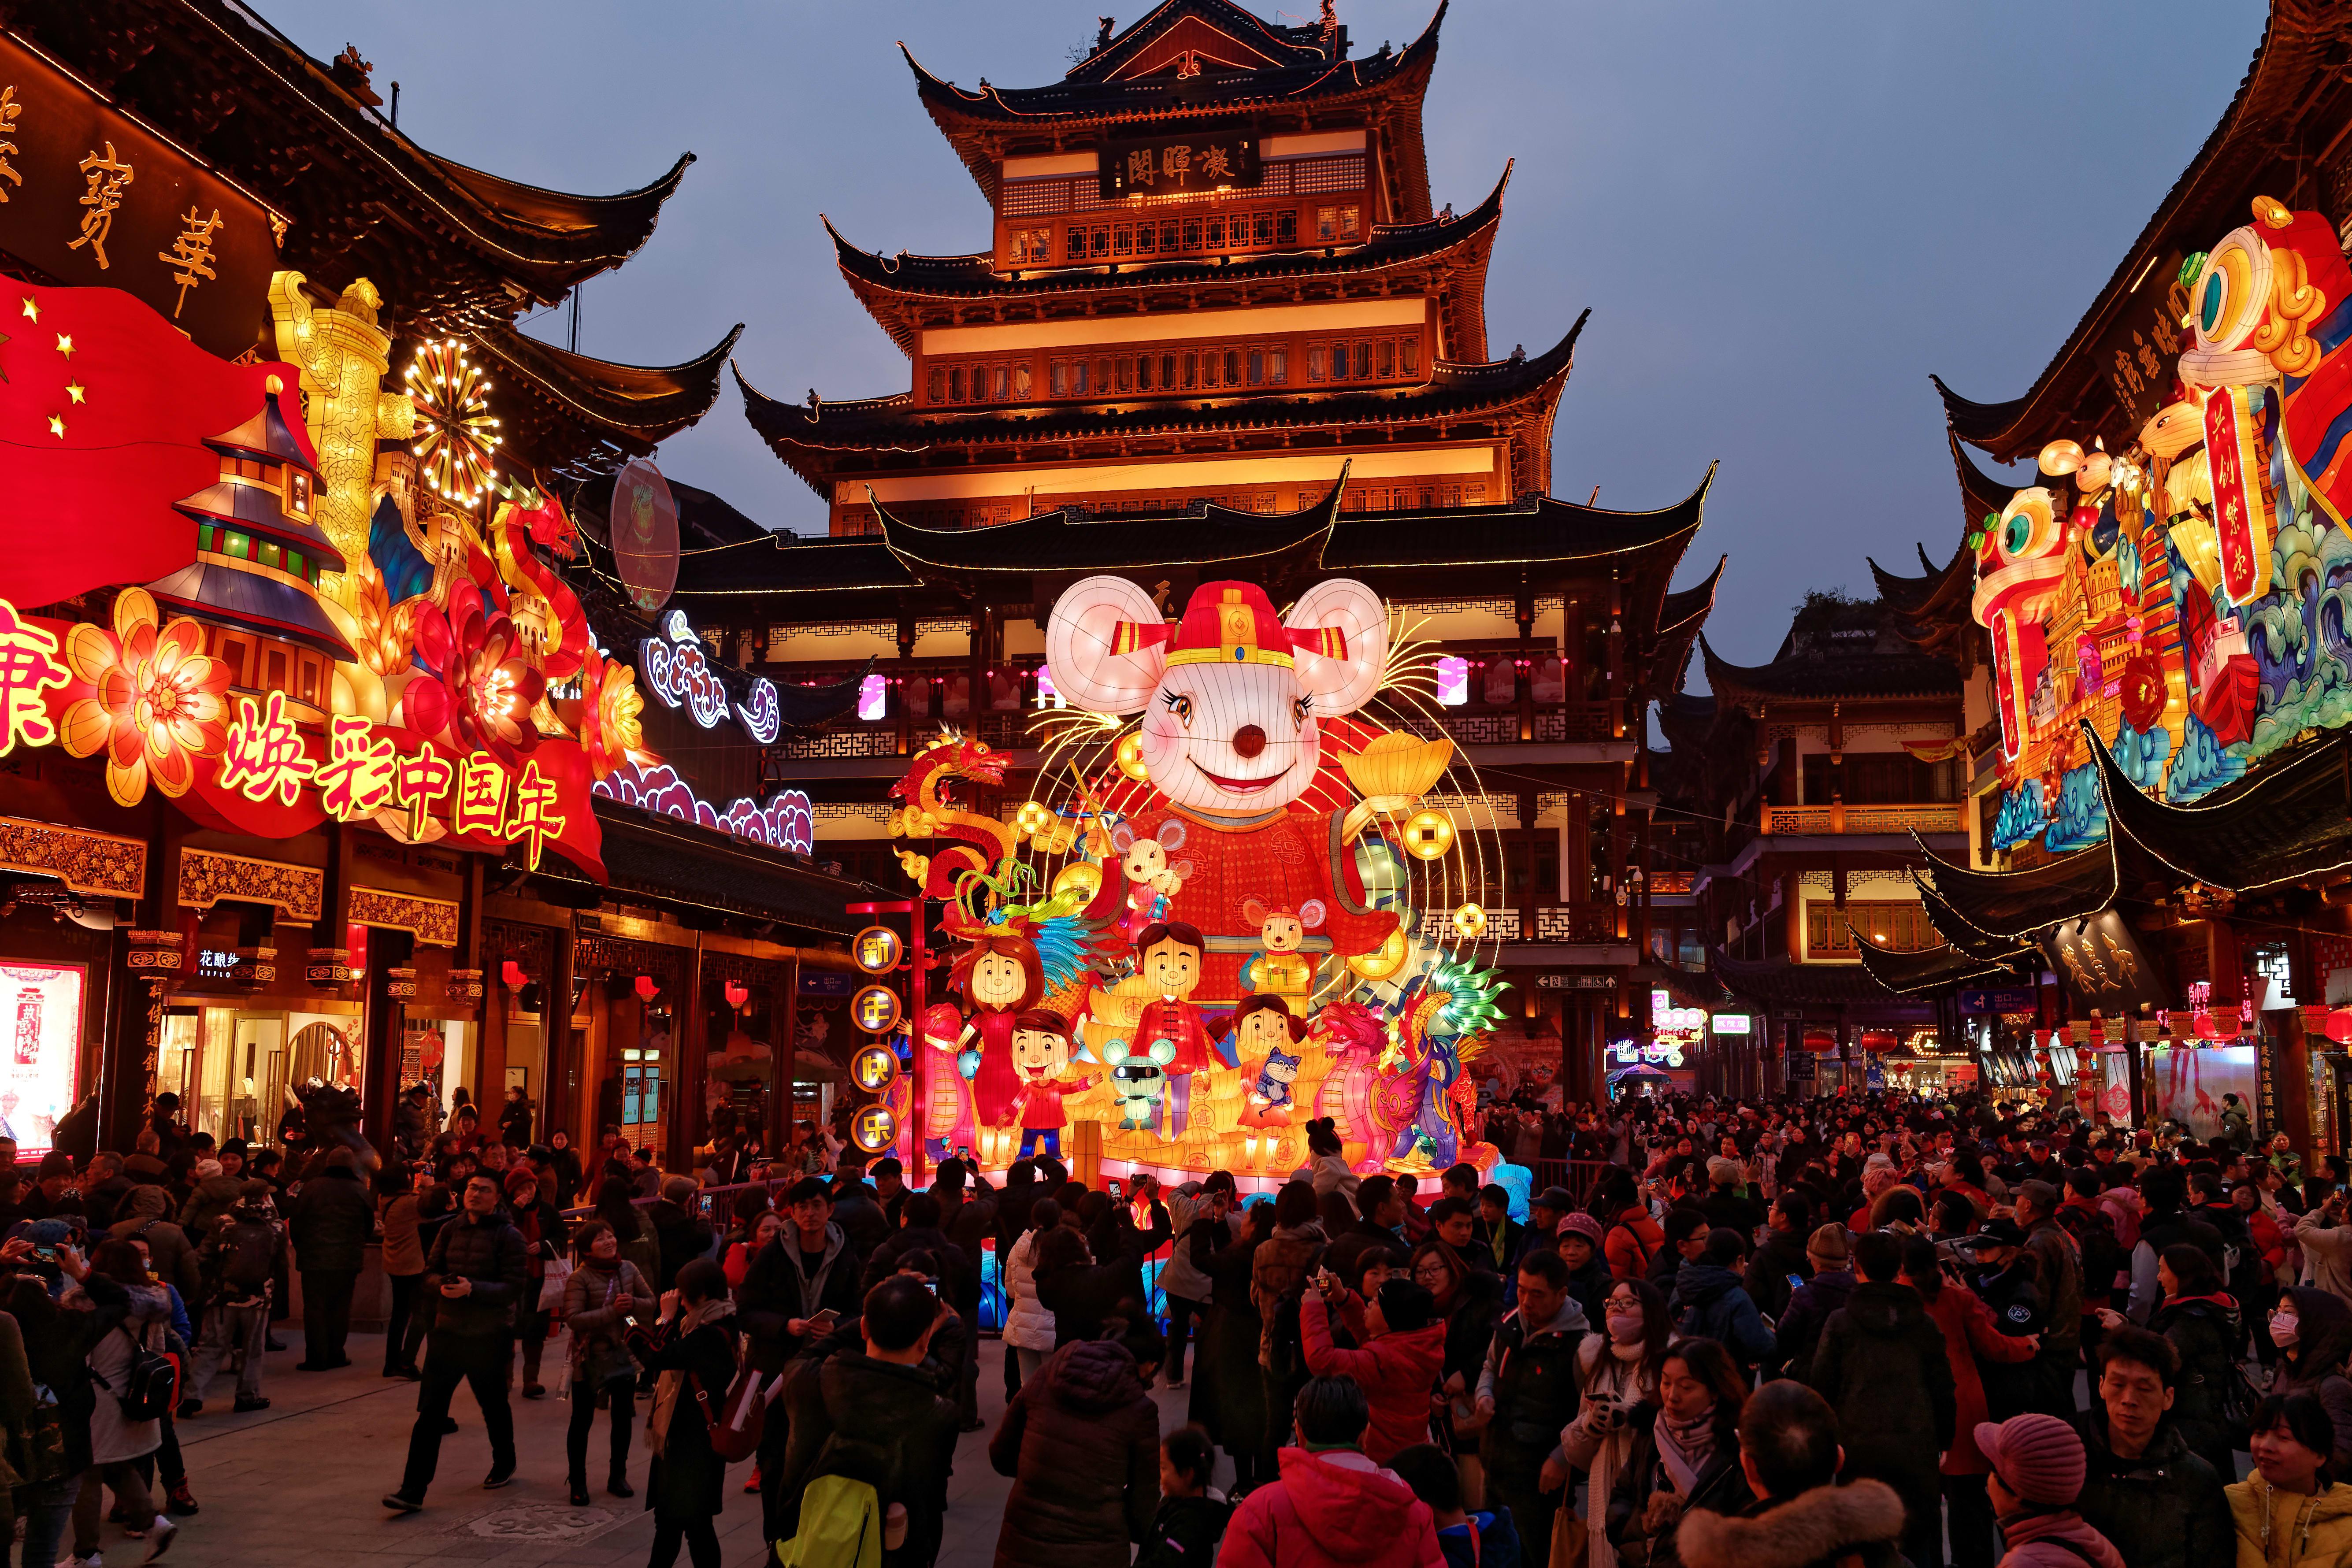 Yu Garden - Chinese New Year